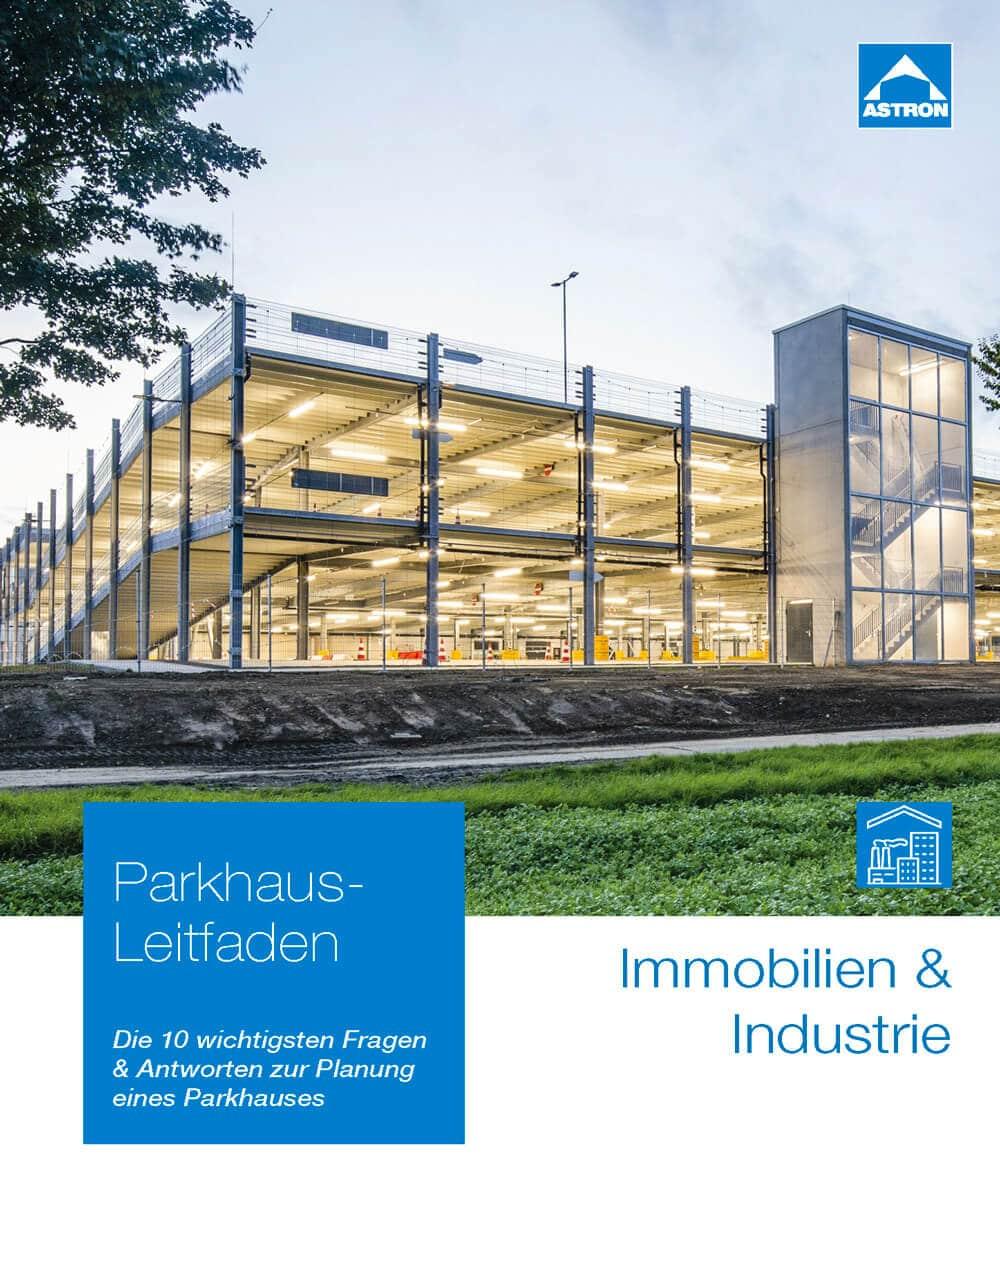 Leitfaden zur Parkhaus-Planung für Immobilien und Industrie